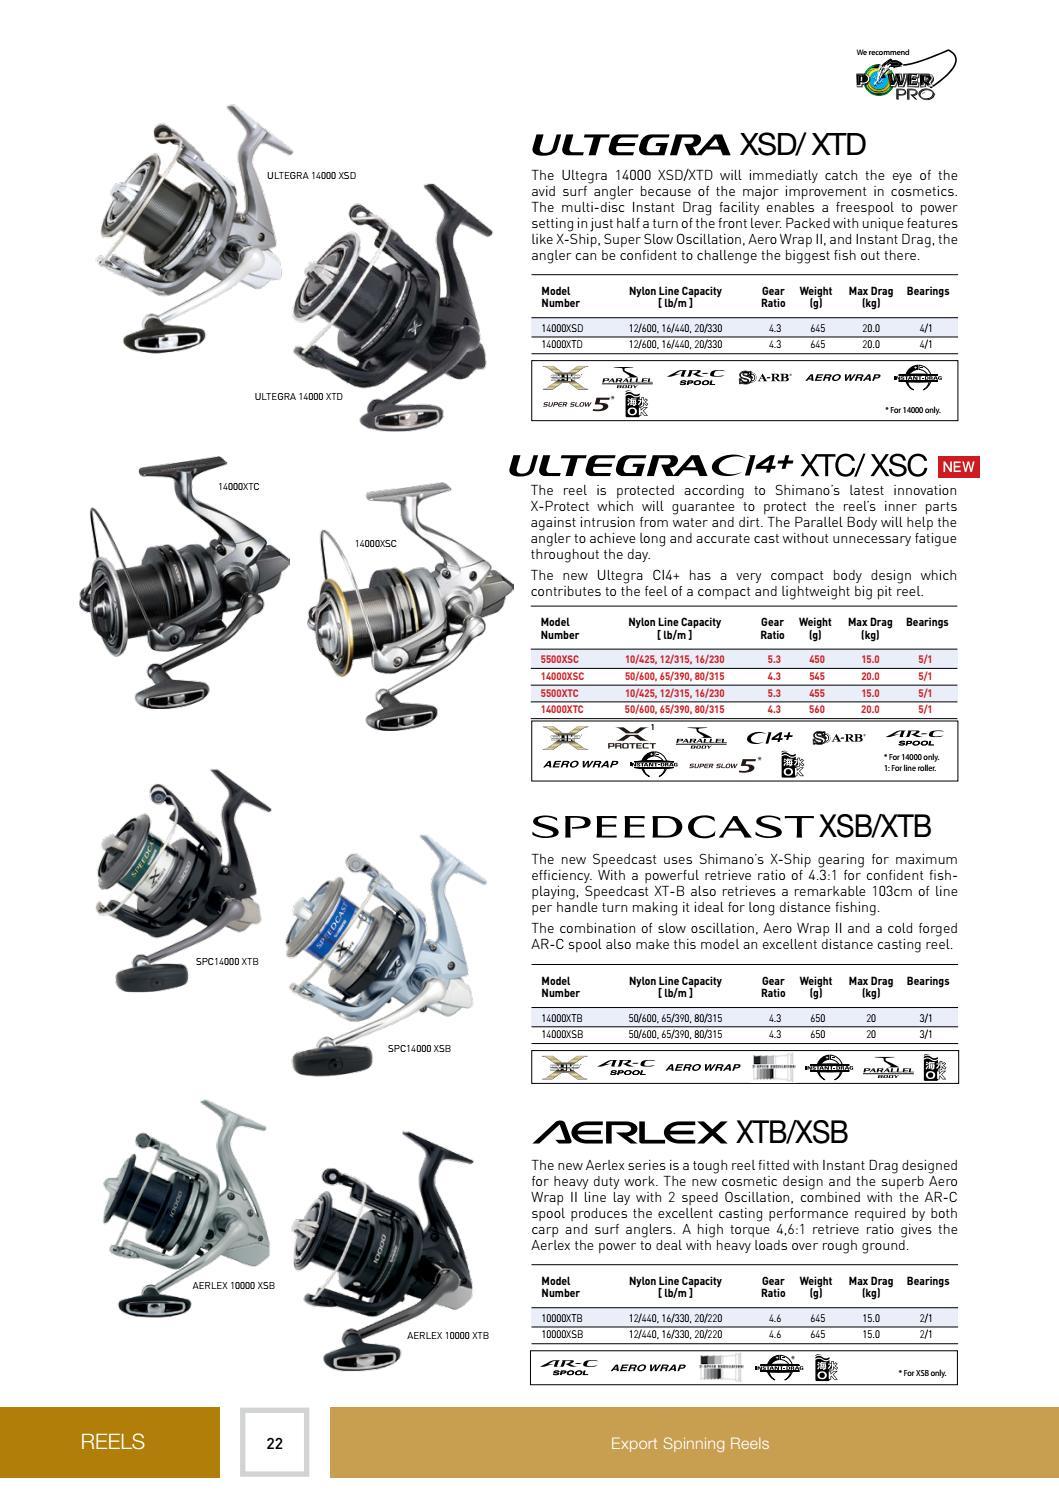 14000XSC 14000XTC 14000XTD Shimano handle bearing upgrade ULTEGRA CI4